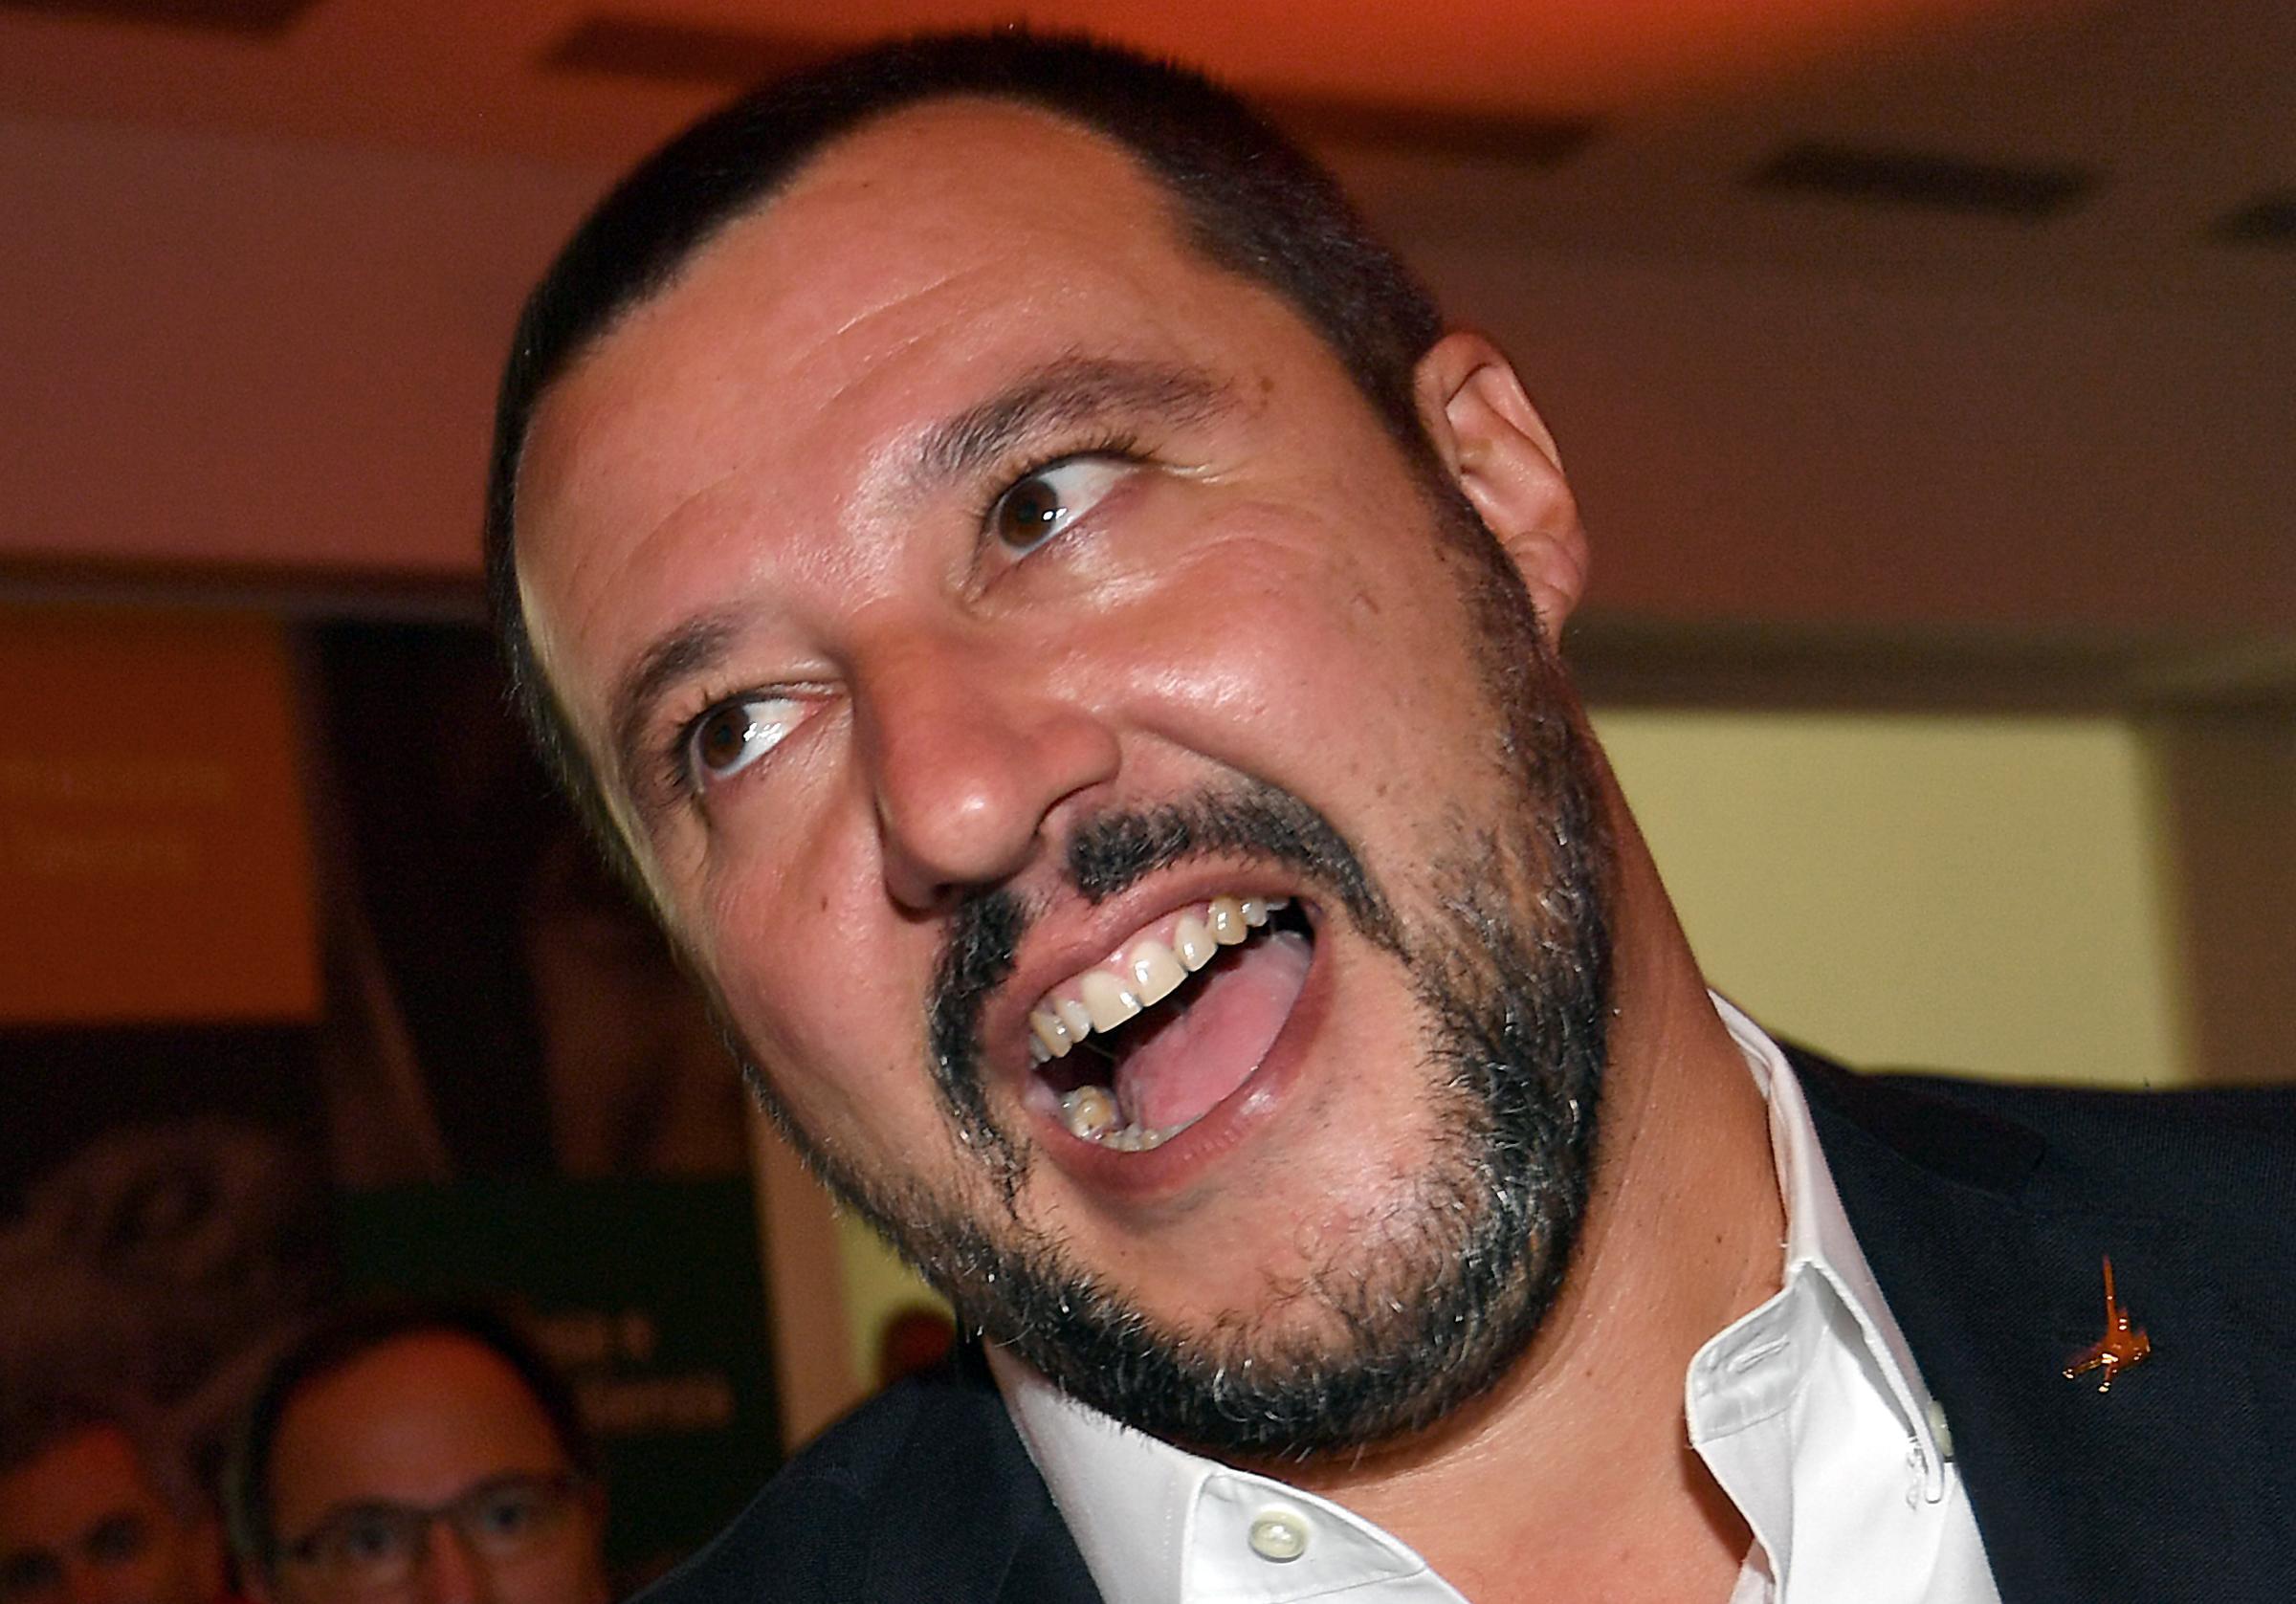 Vi spiego perché Matteo Salvini non è fascista e nemmeno razzista